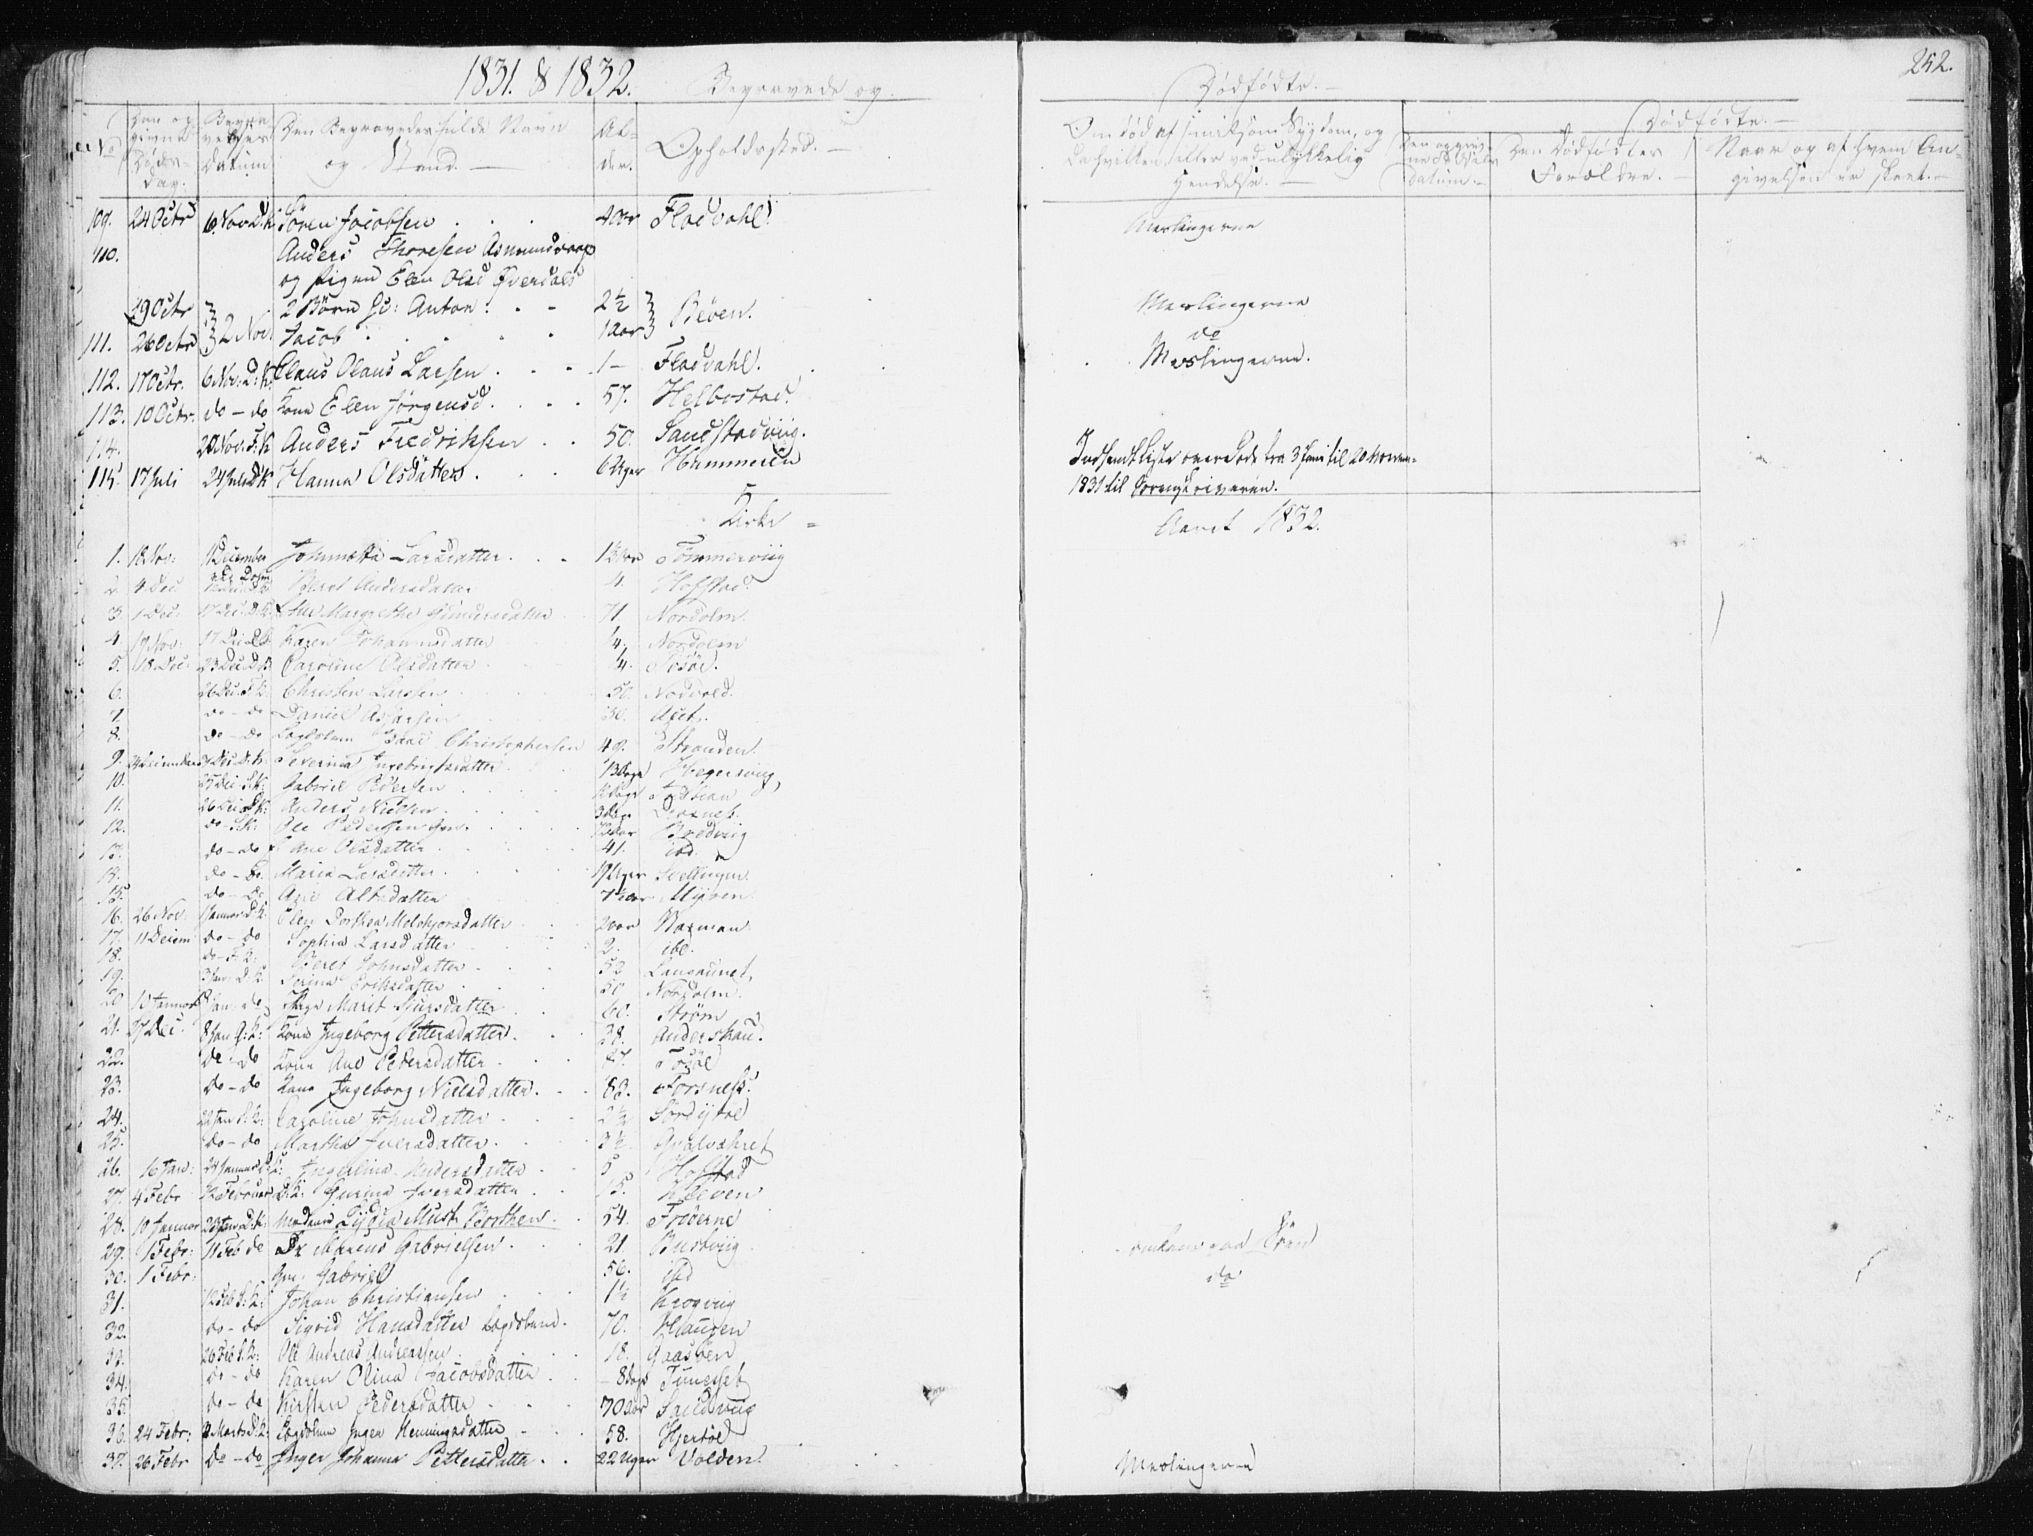 SAT, Ministerialprotokoller, klokkerbøker og fødselsregistre - Sør-Trøndelag, 634/L0528: Ministerialbok nr. 634A04, 1827-1842, s. 252